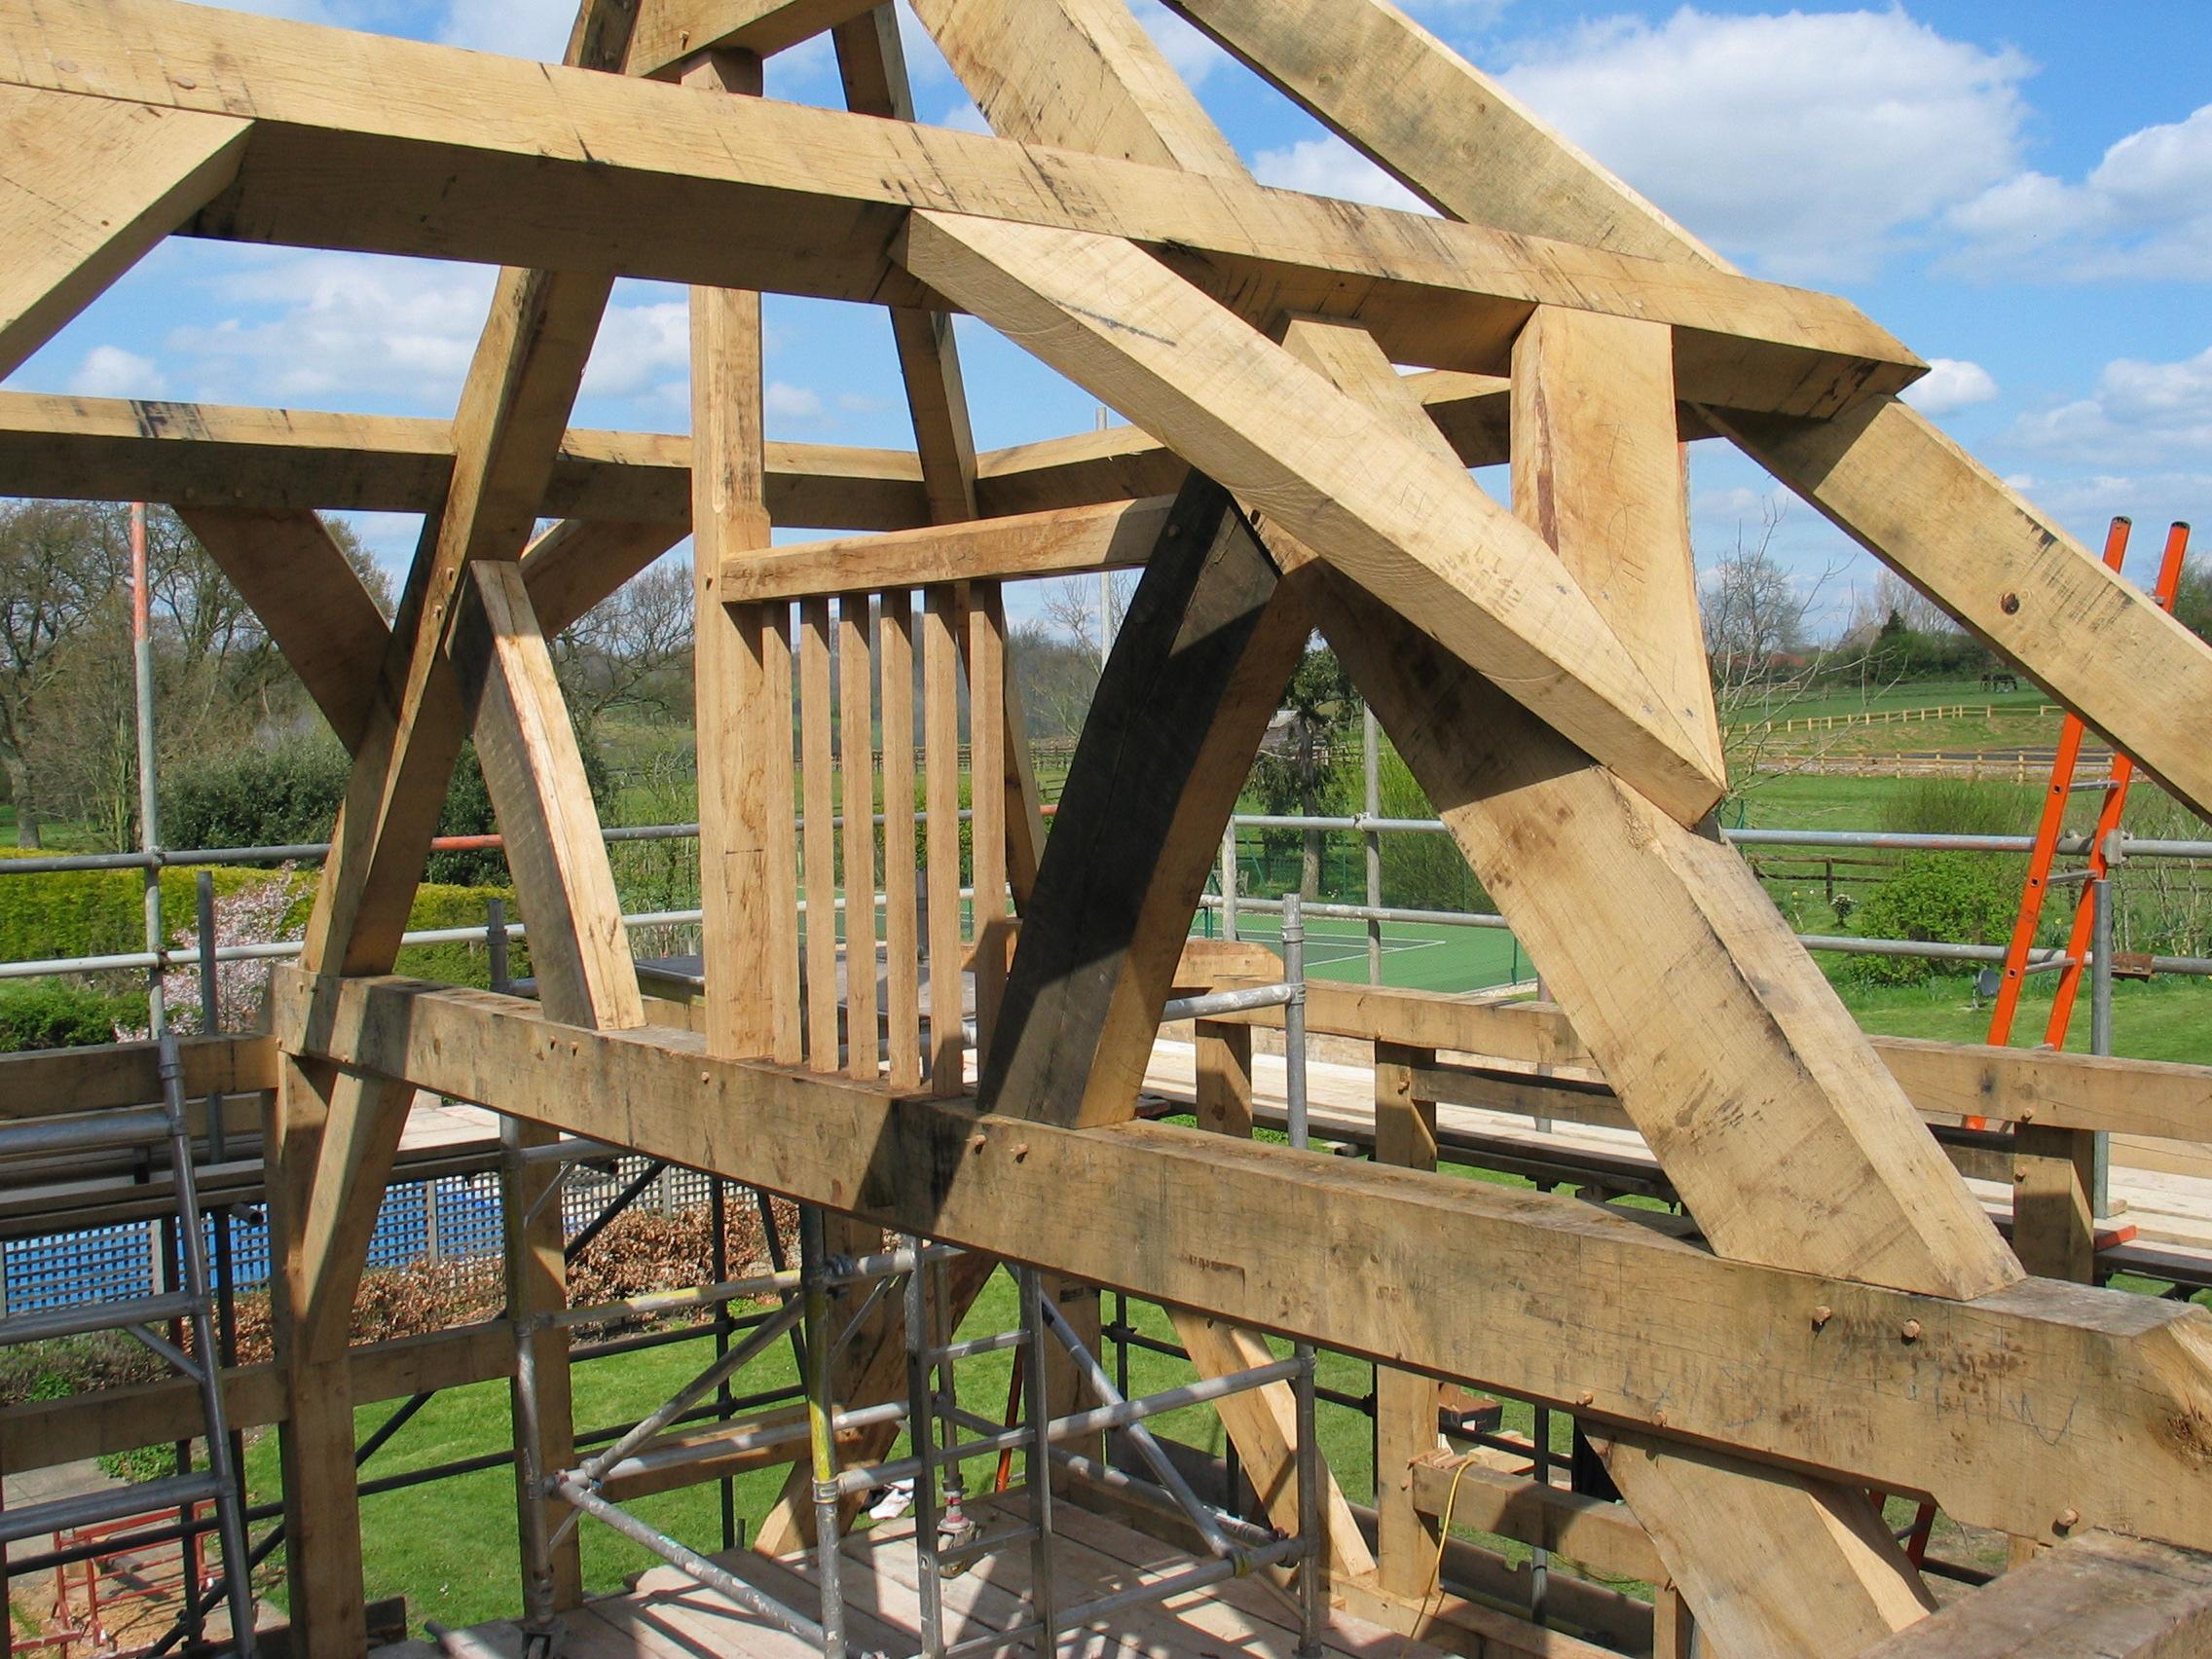 charpente de toit oak timber framing carpentry in france. Black Bedroom Furniture Sets. Home Design Ideas